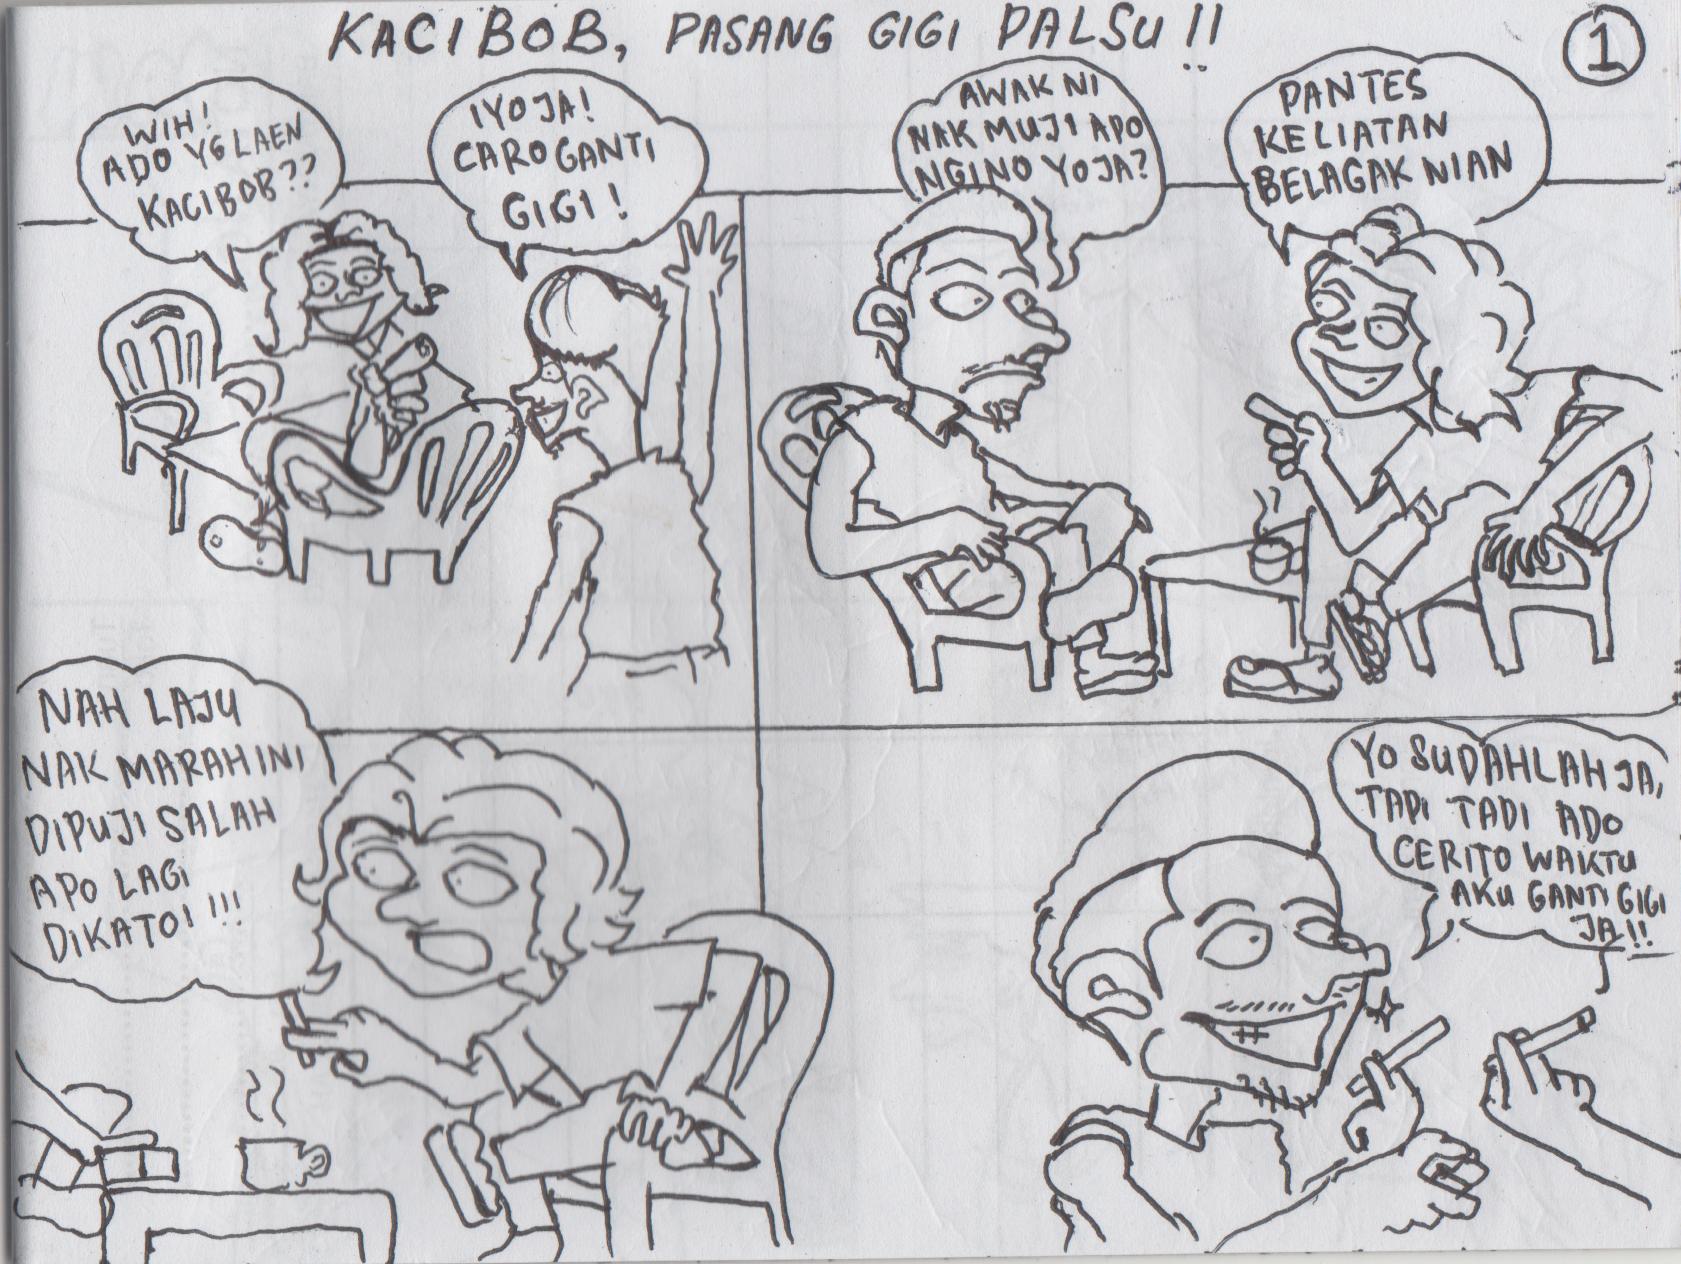 kacibob-gigi-palsu-page-1